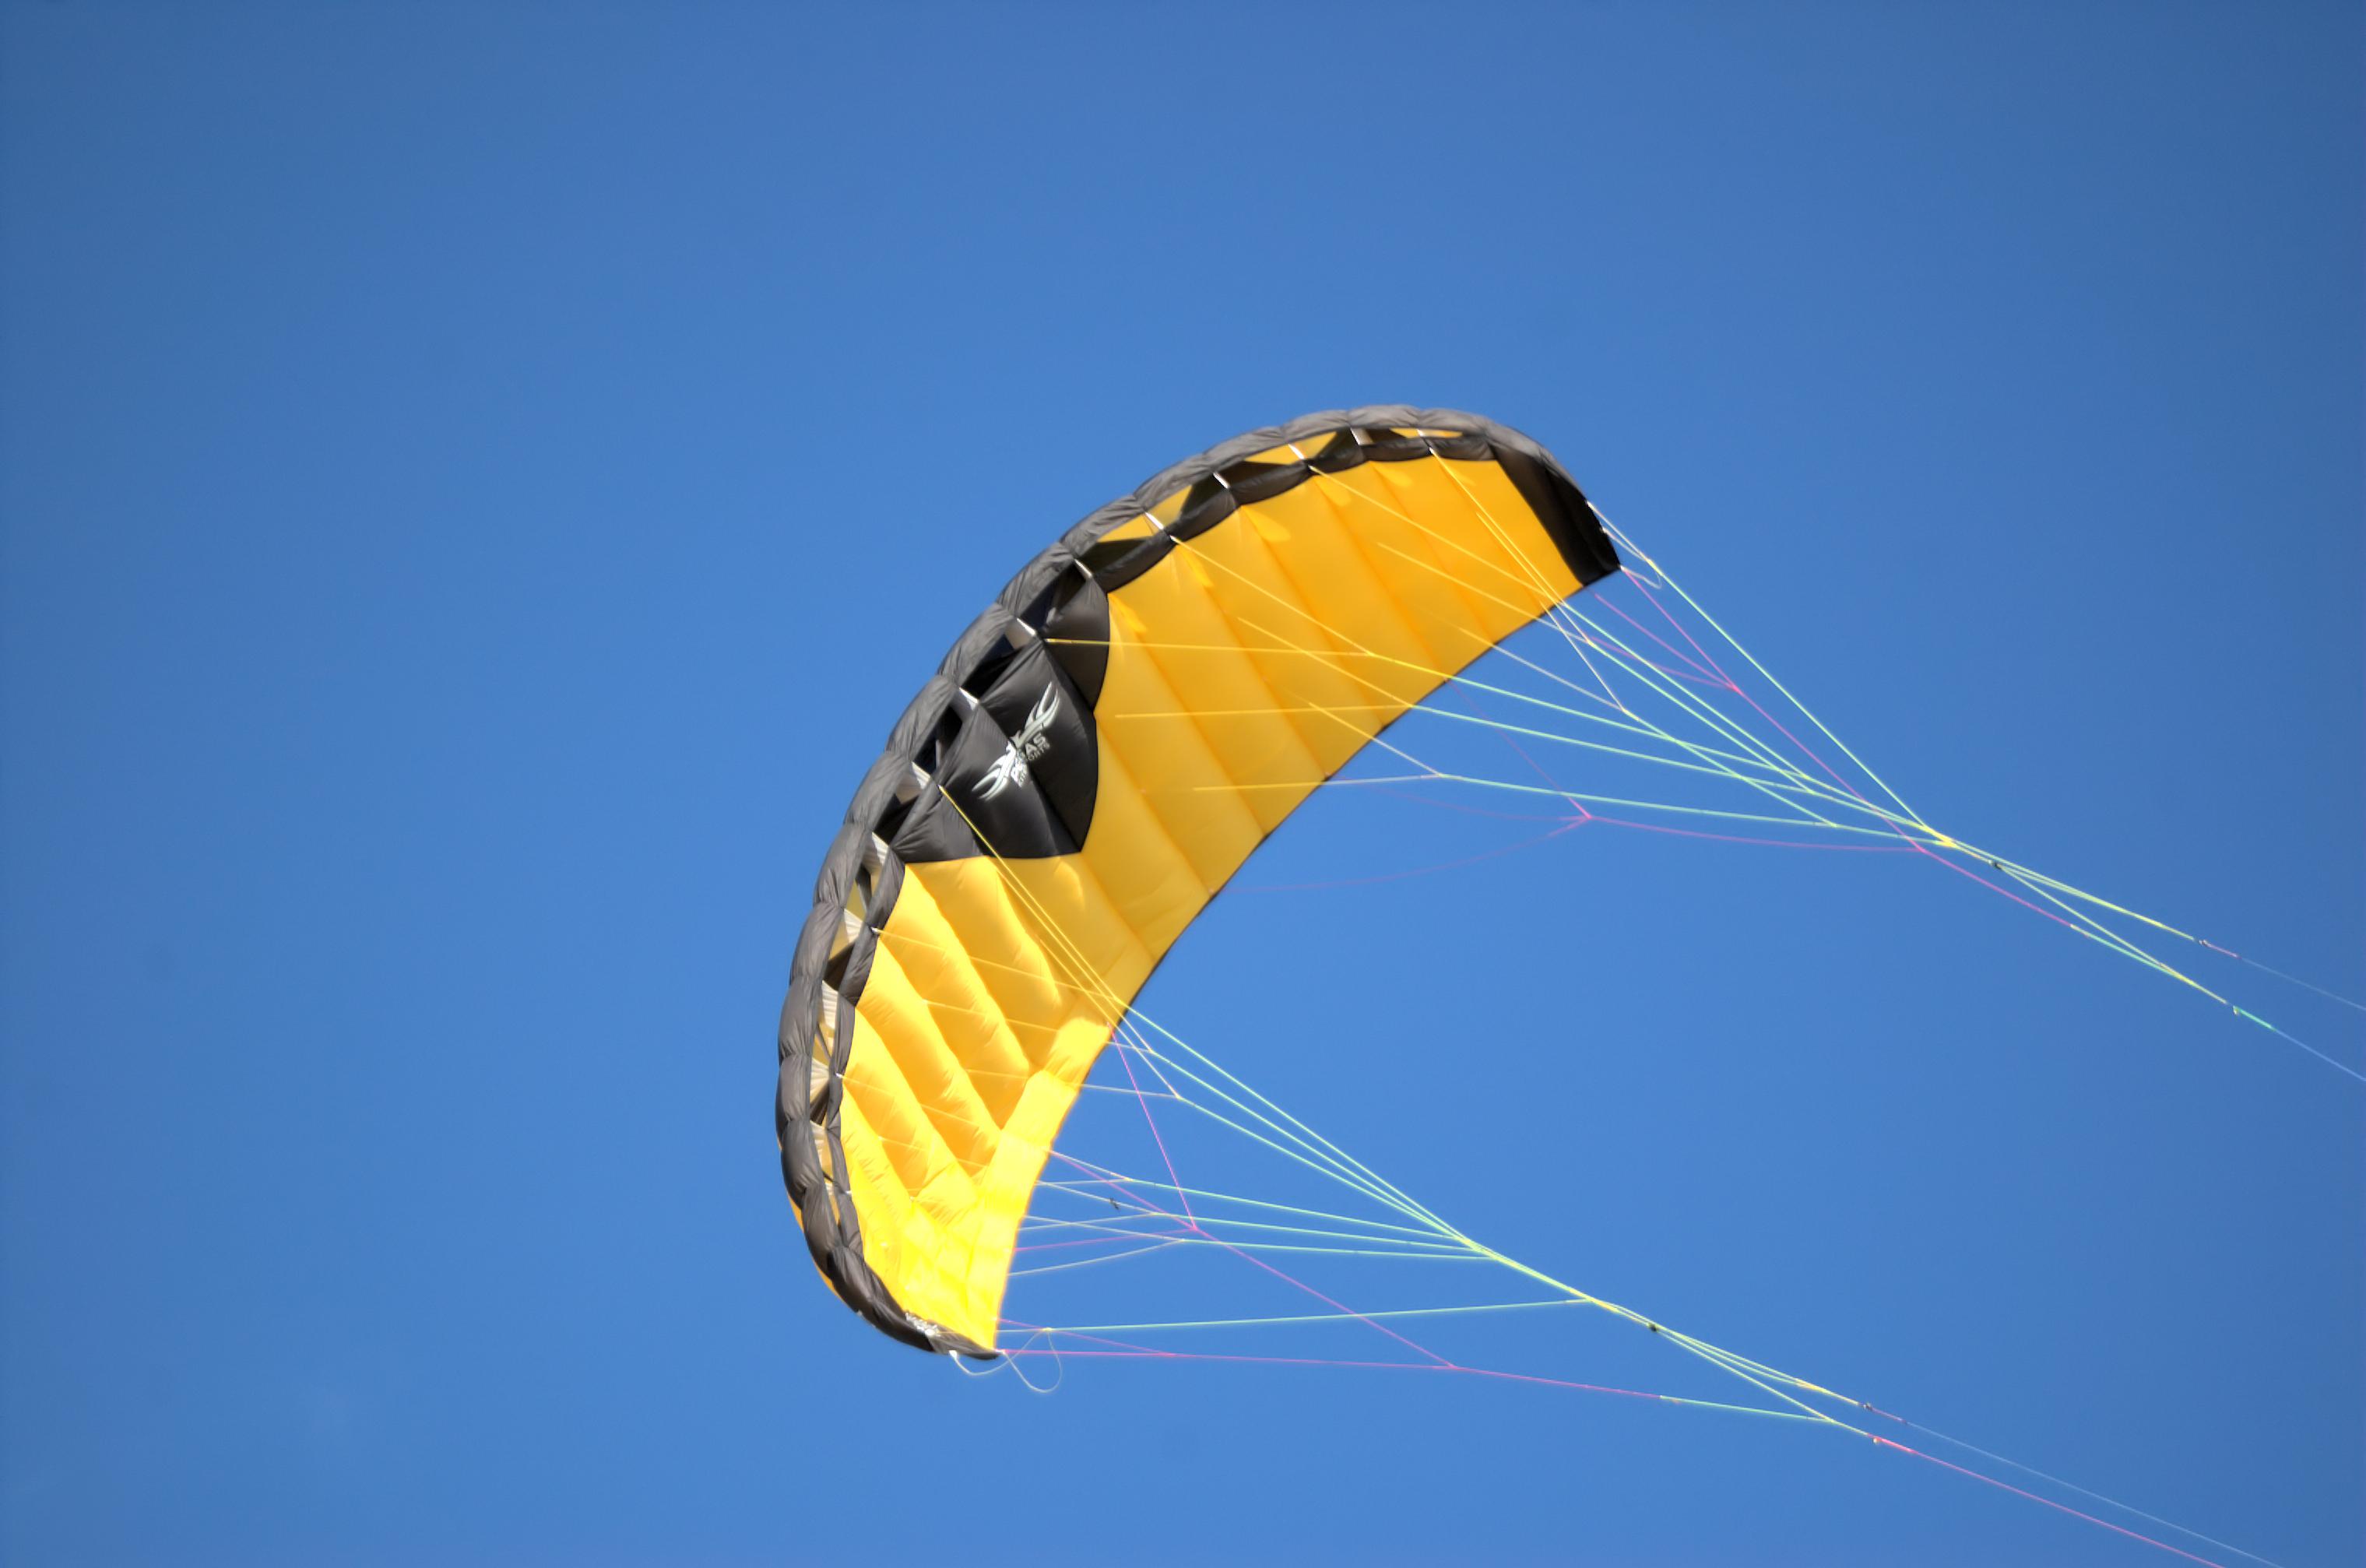 Afbeeldingsresultaat voor kite